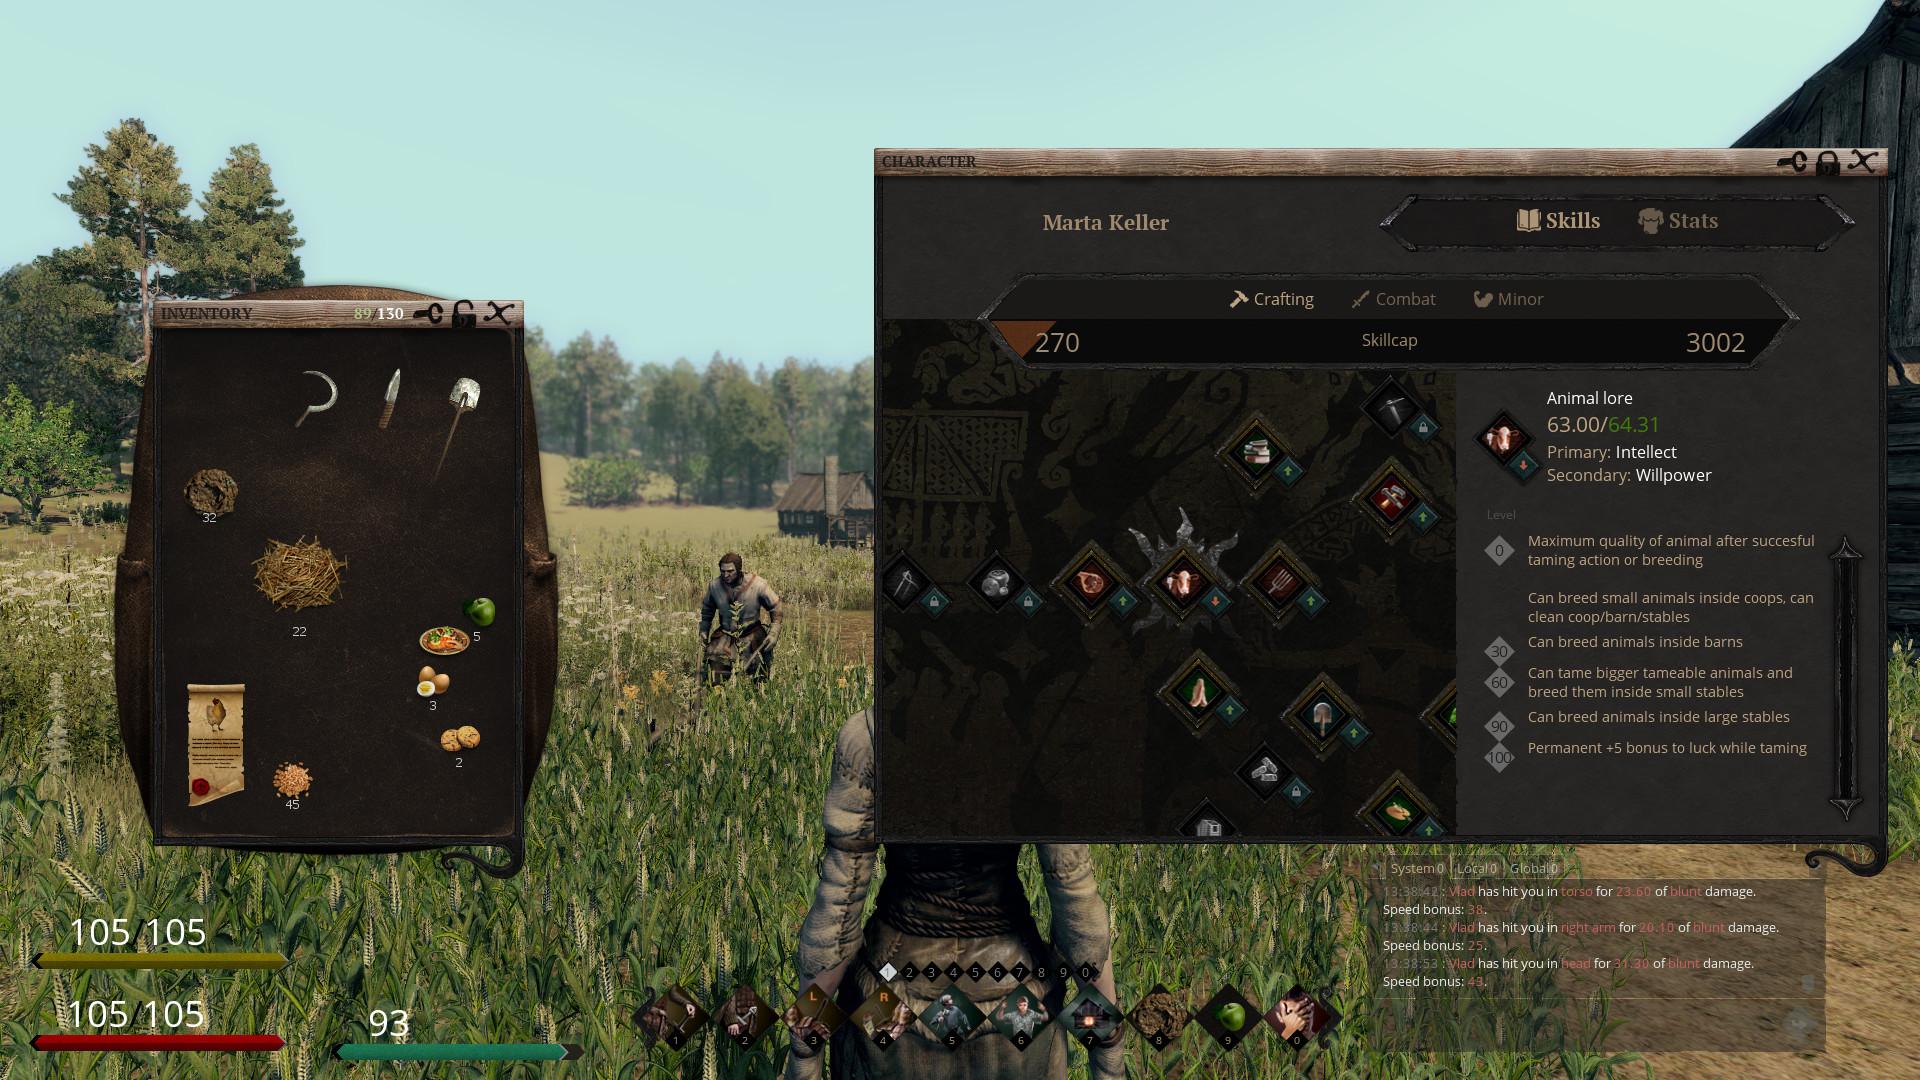 скачать онлайн игру battlefield 4 бесплатно